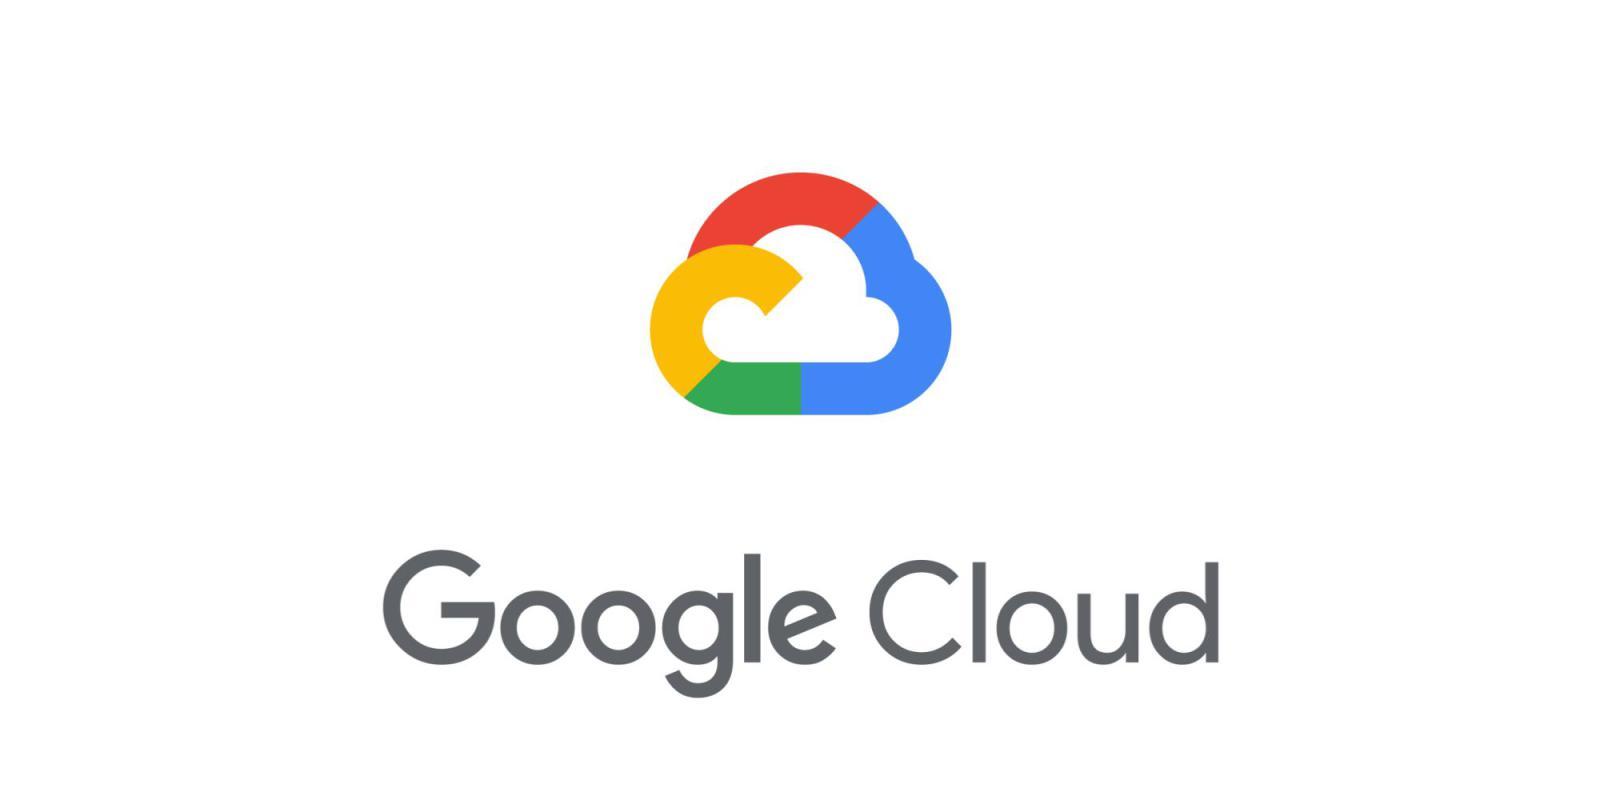 google-cloud-logo.jpg